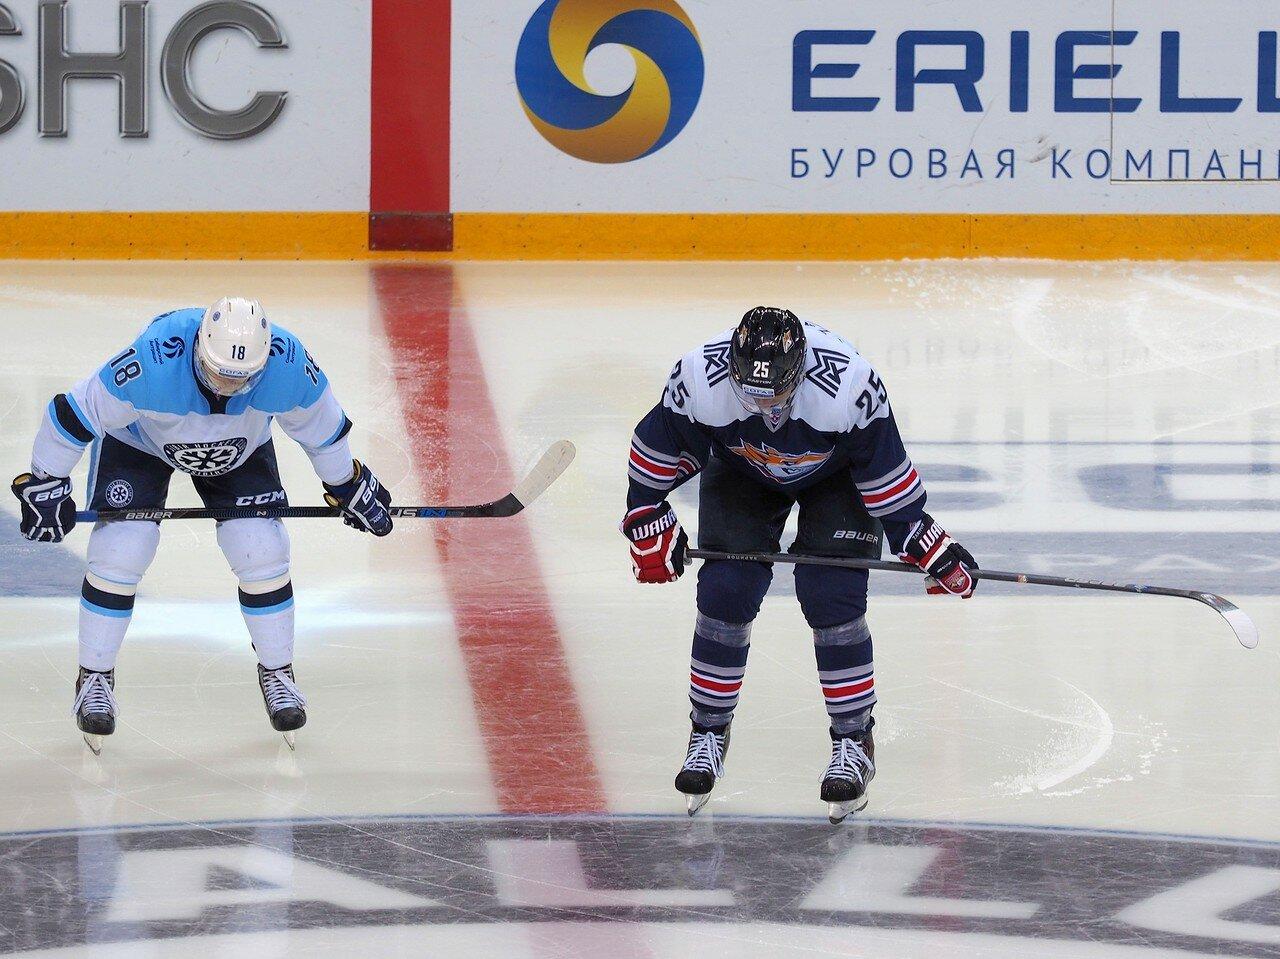 40Металлург - Сибирь 18.09.2015